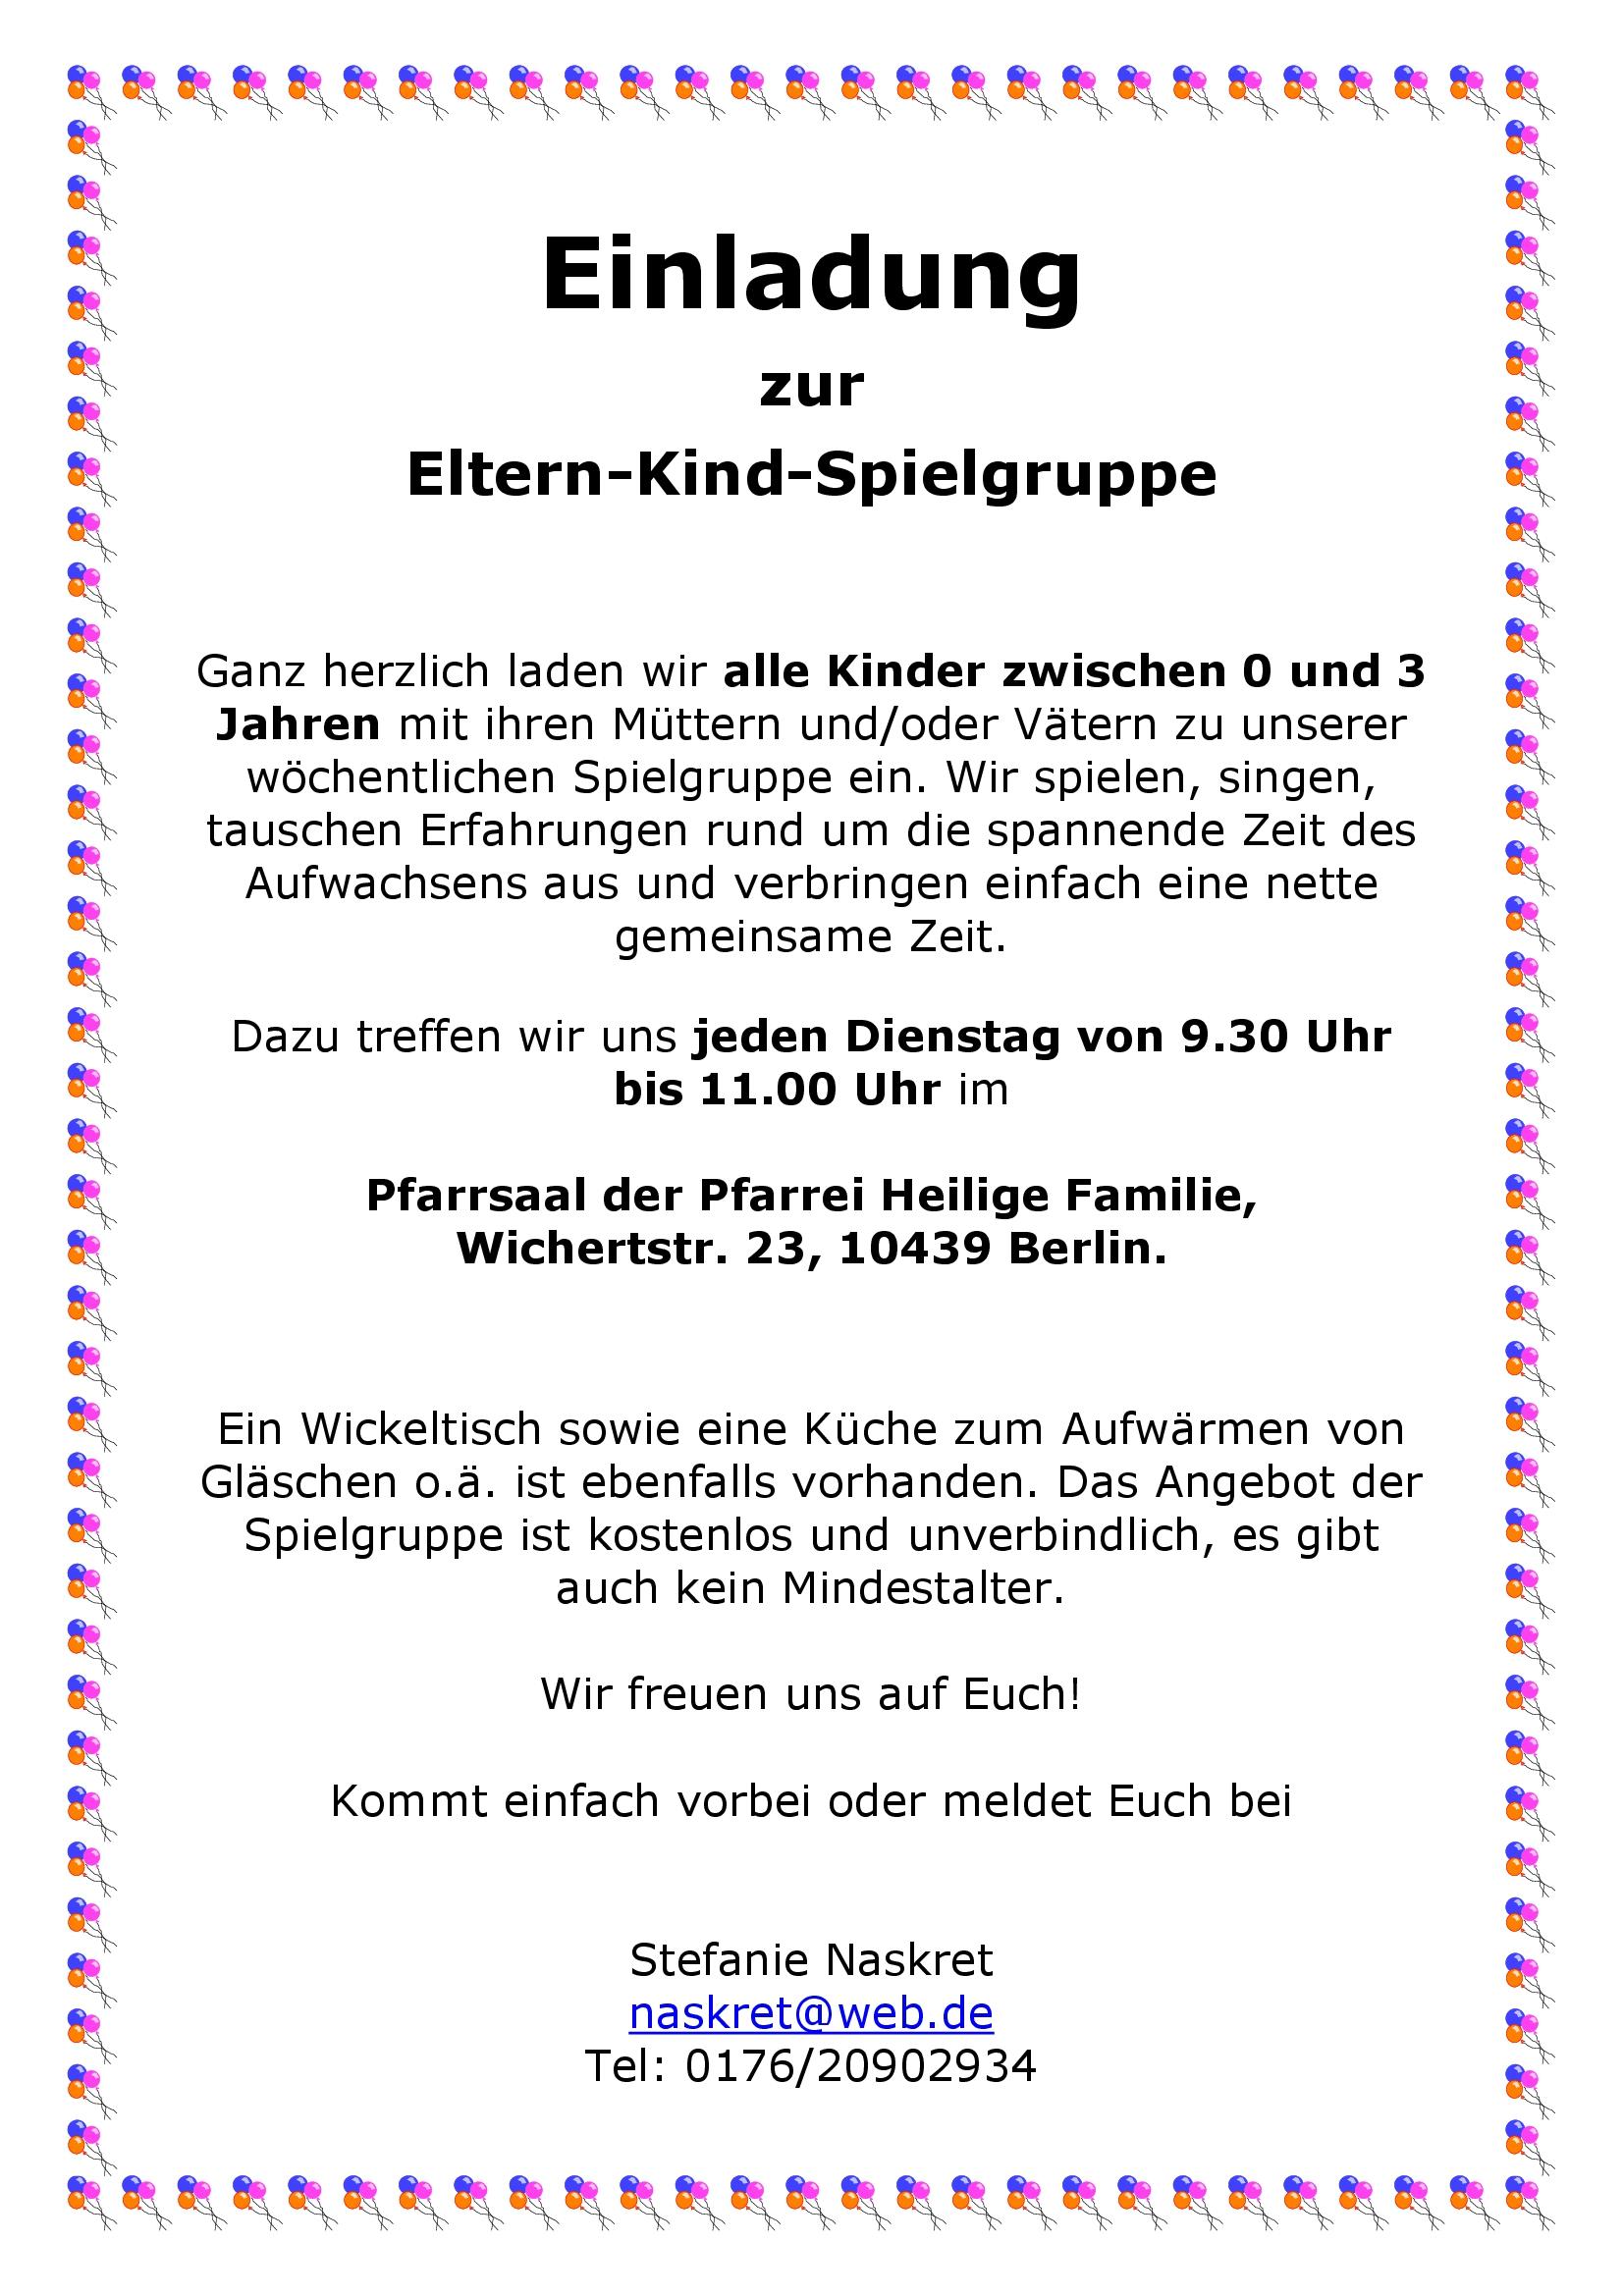 einladung zur eltern - kind - spielgruppe - heilige familie, Einladungen